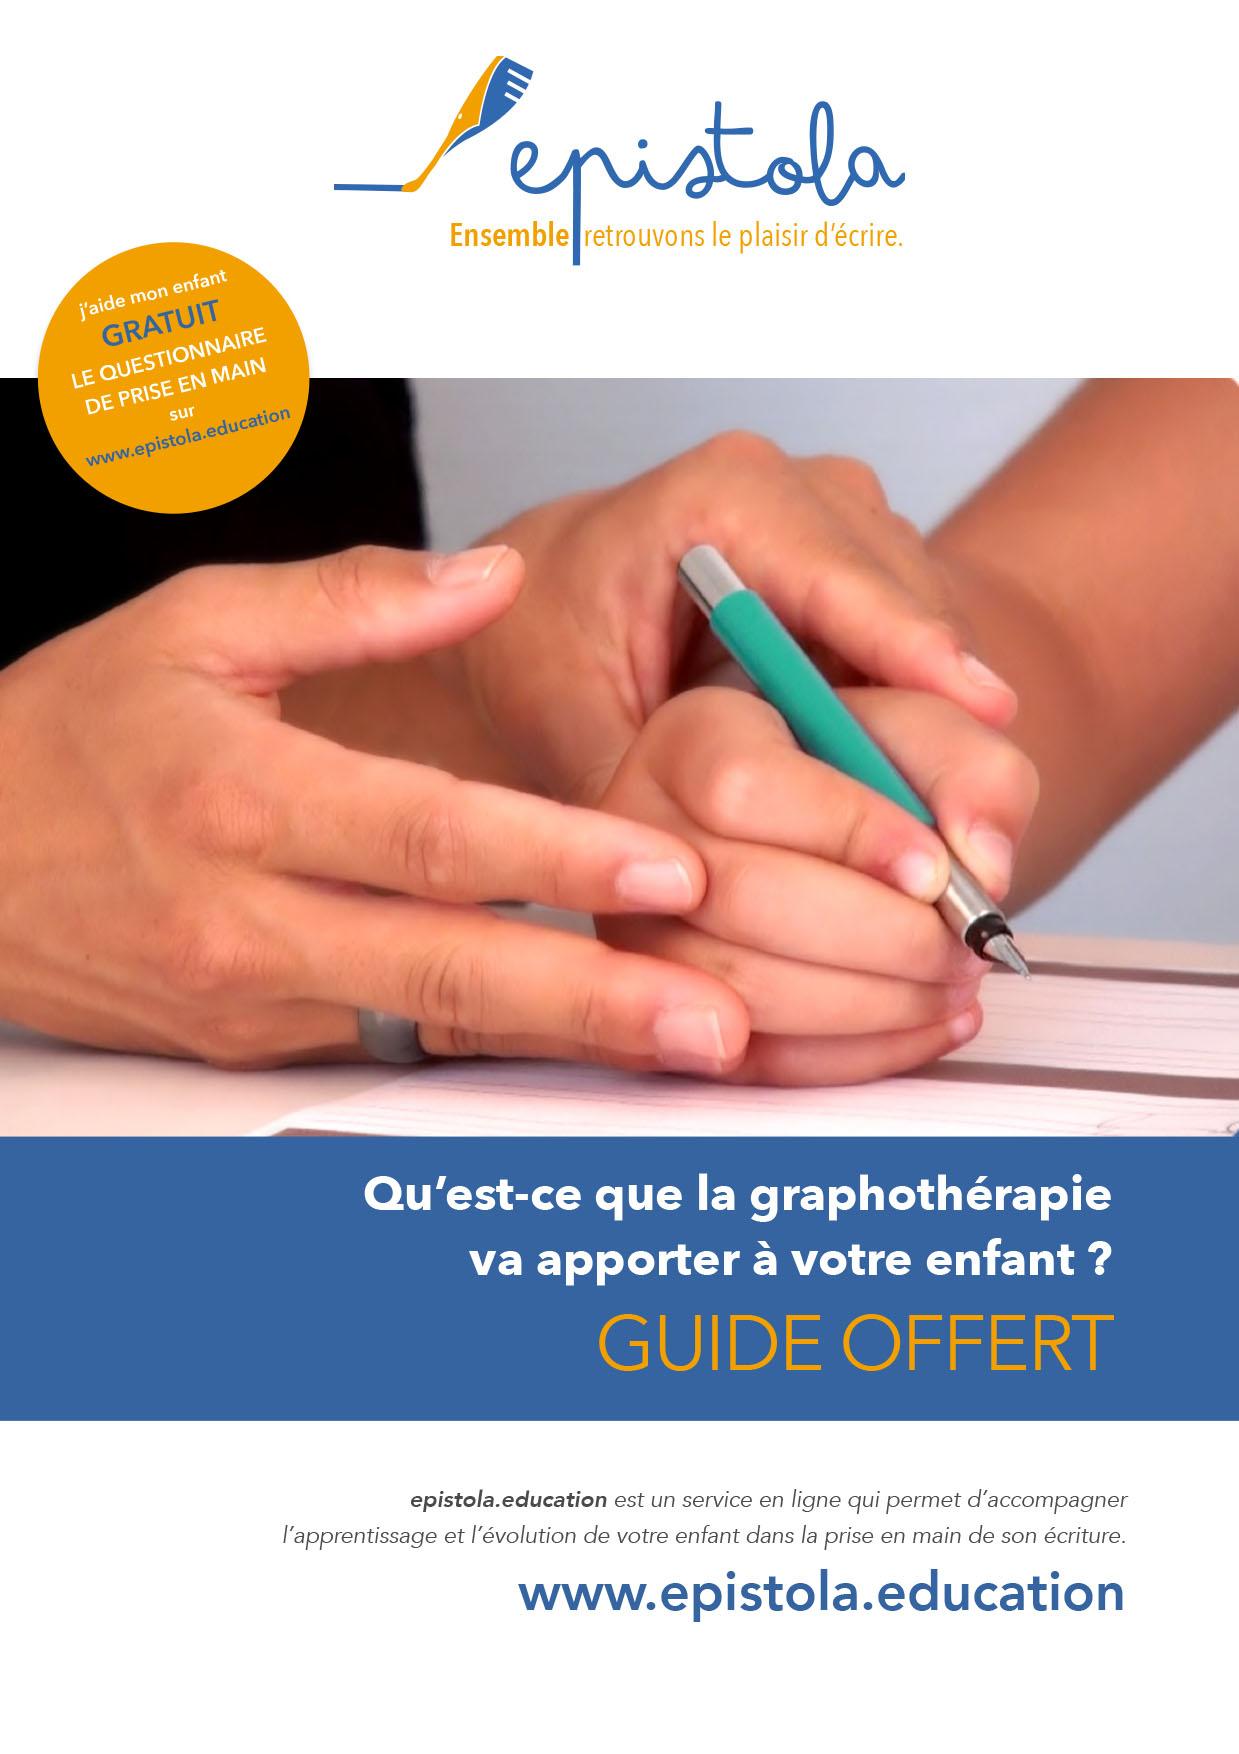 Qu'est-ce que la graphothérapie va apporter à votre enfant ? Guide gratuit